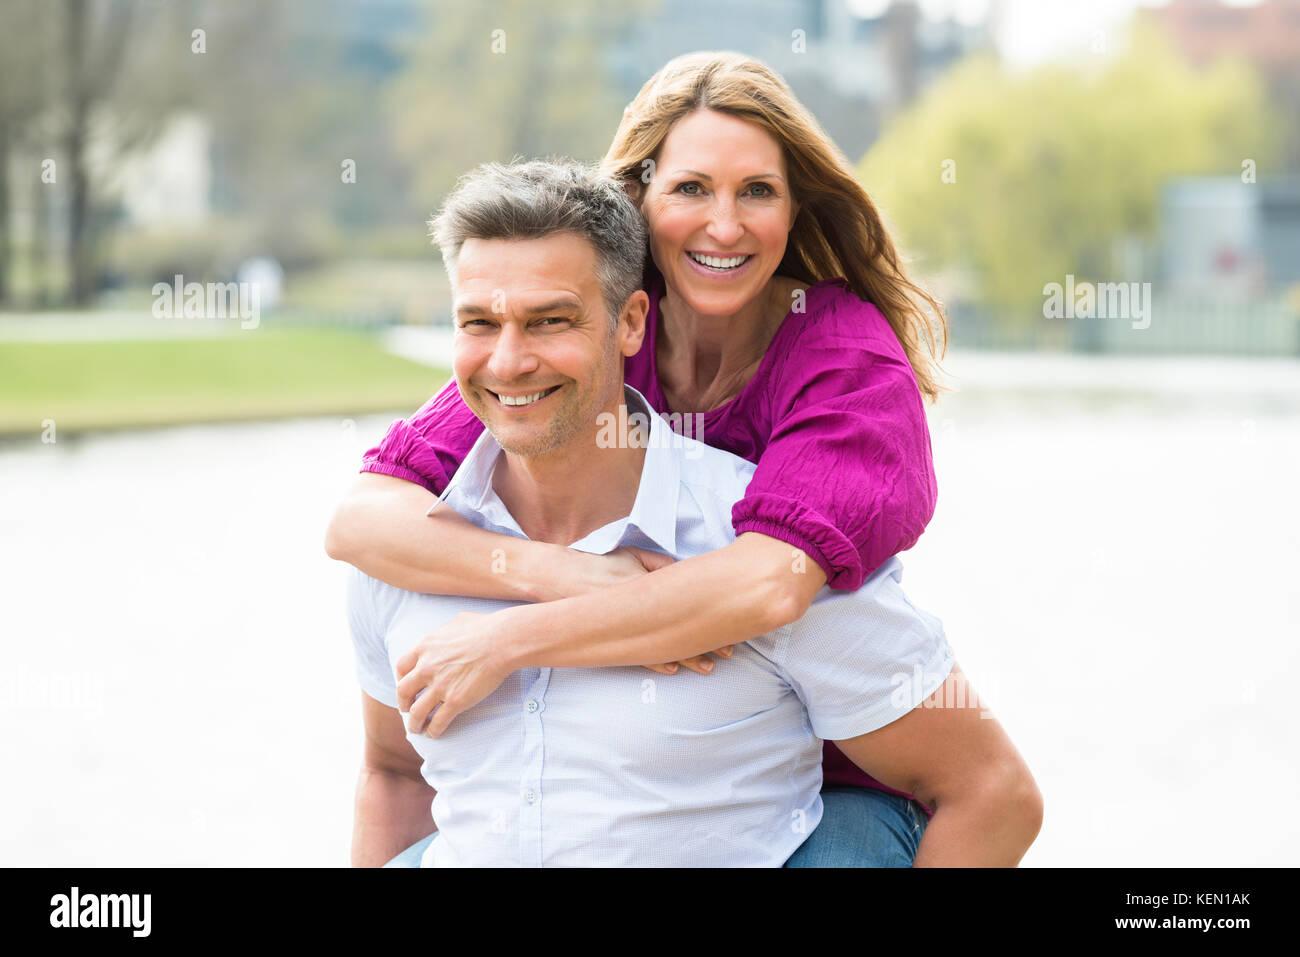 Retrato del hombre feliz aprovechar su esposa Foto de stock